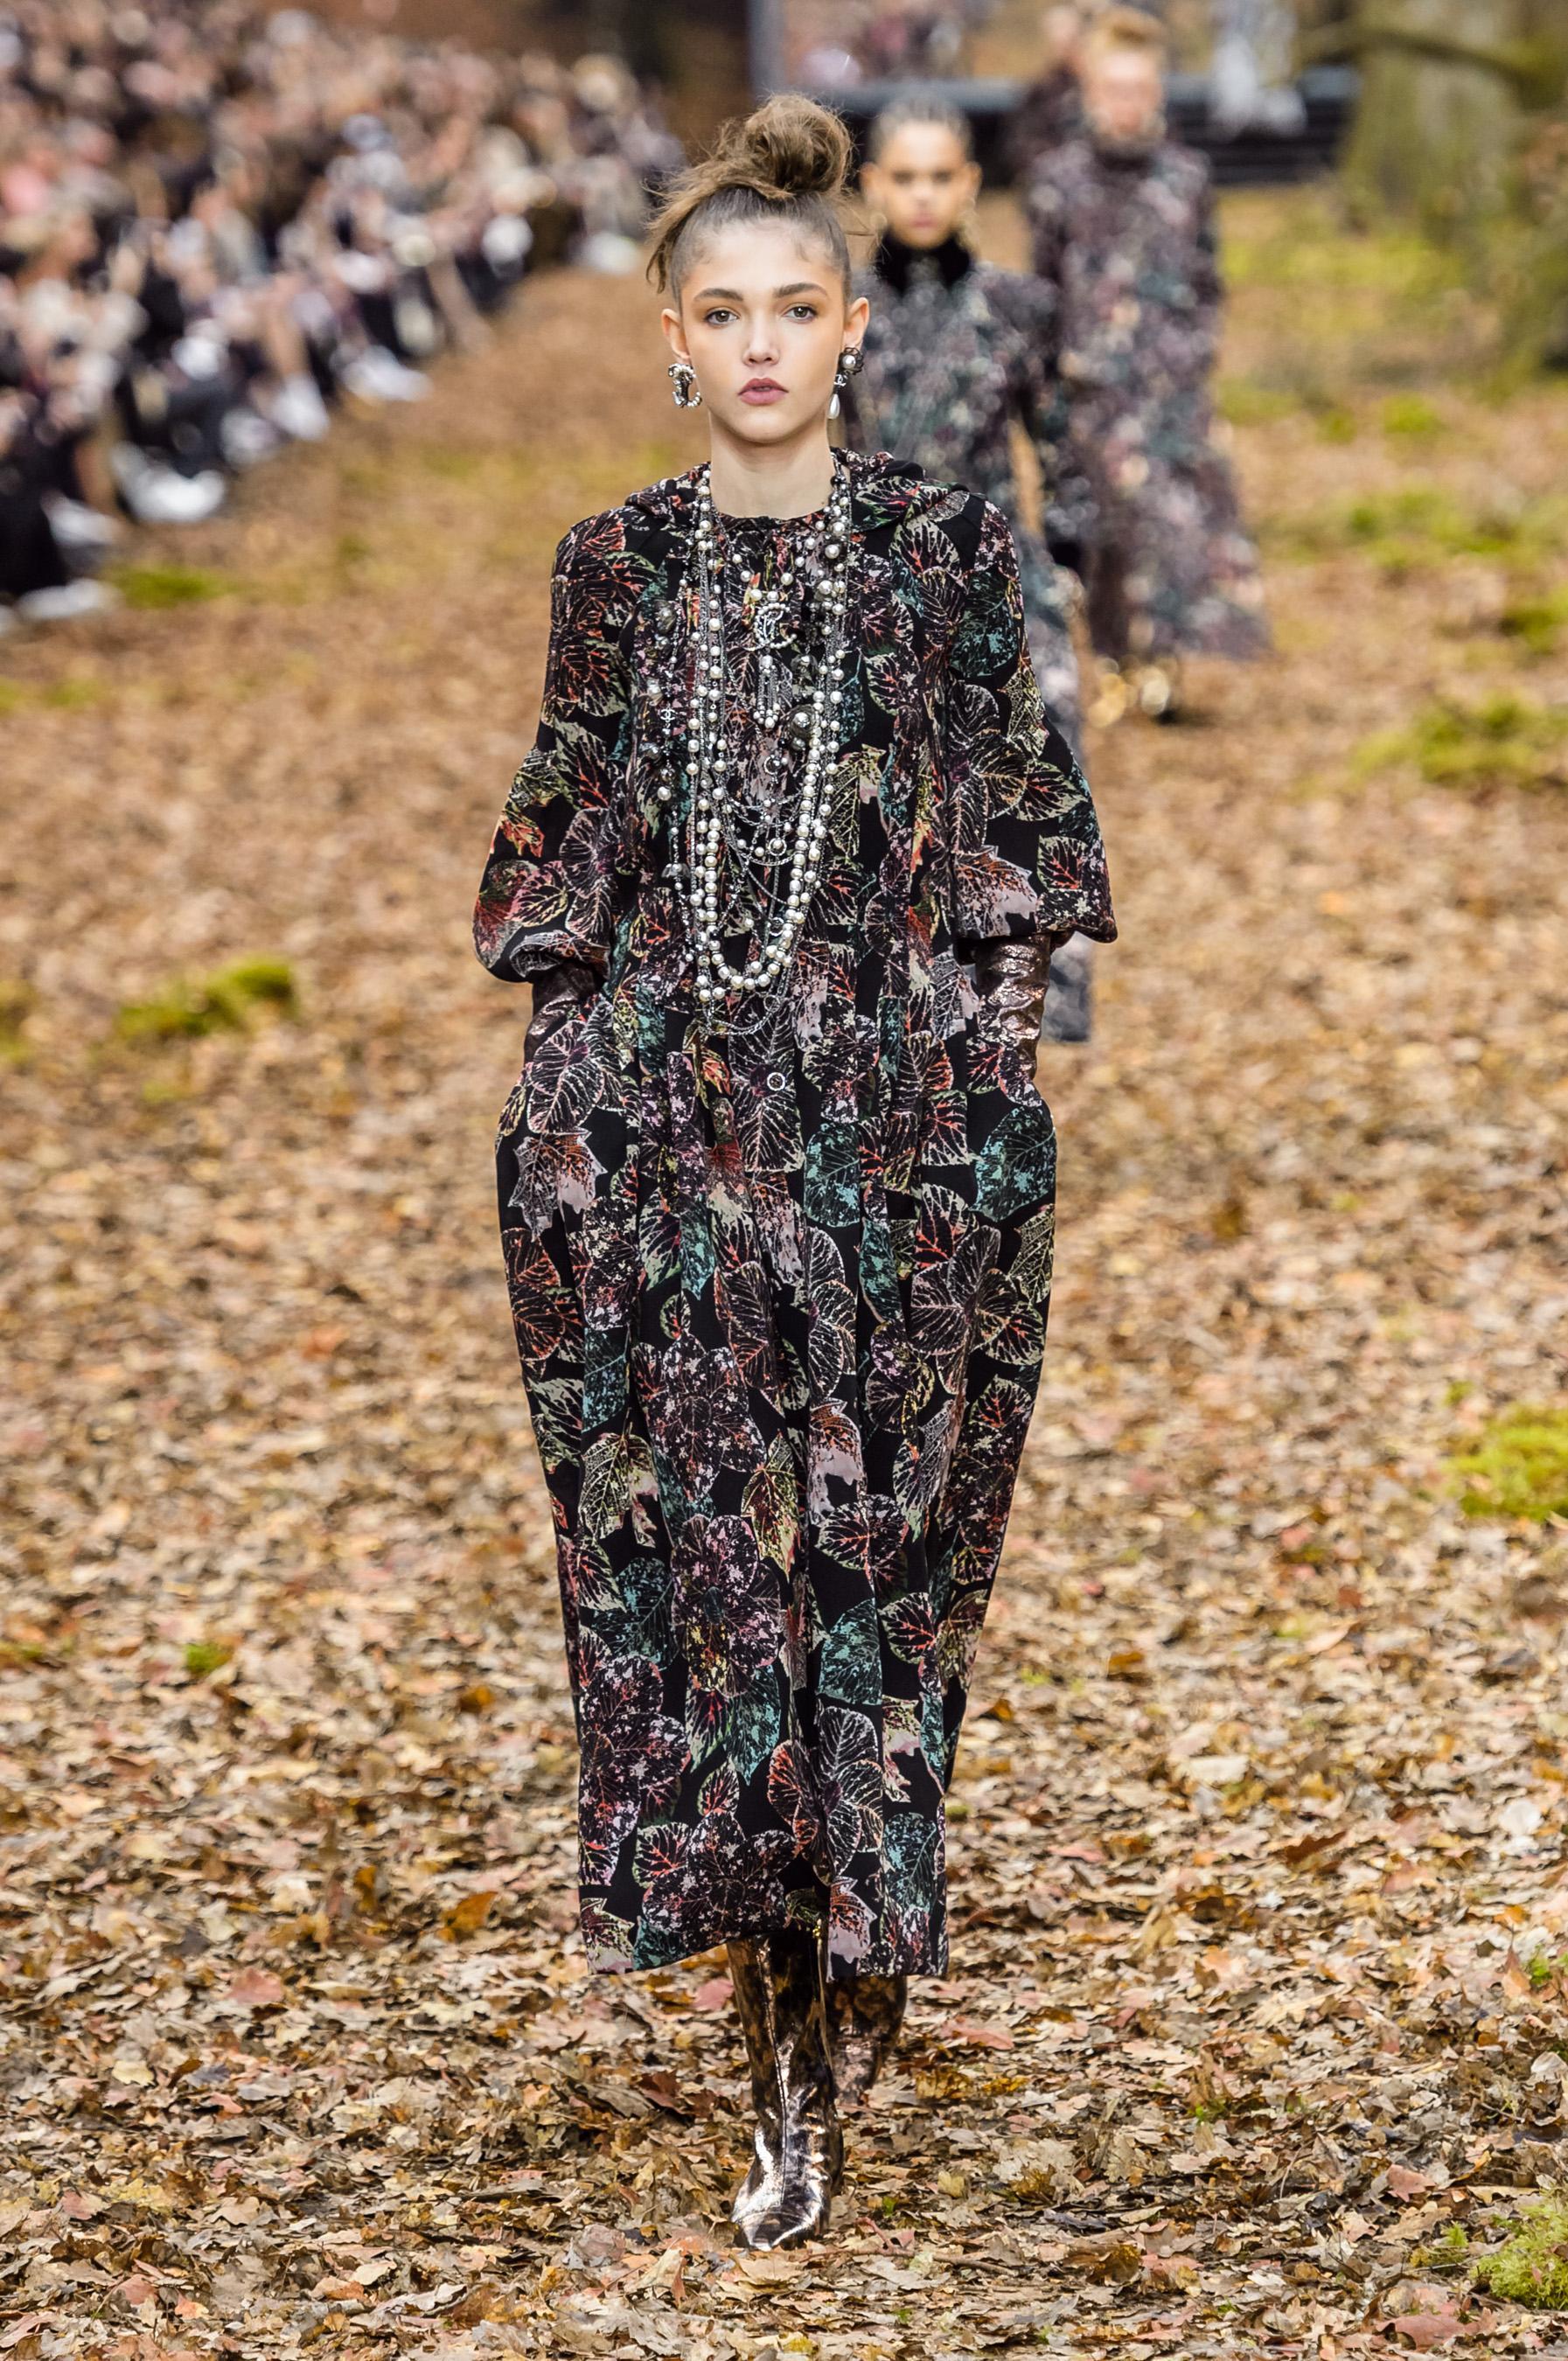 ec51a0cfbc969 Défilé Chanel automne-hiver 2018-2019 Prêt-à-porter - Madame Figaro